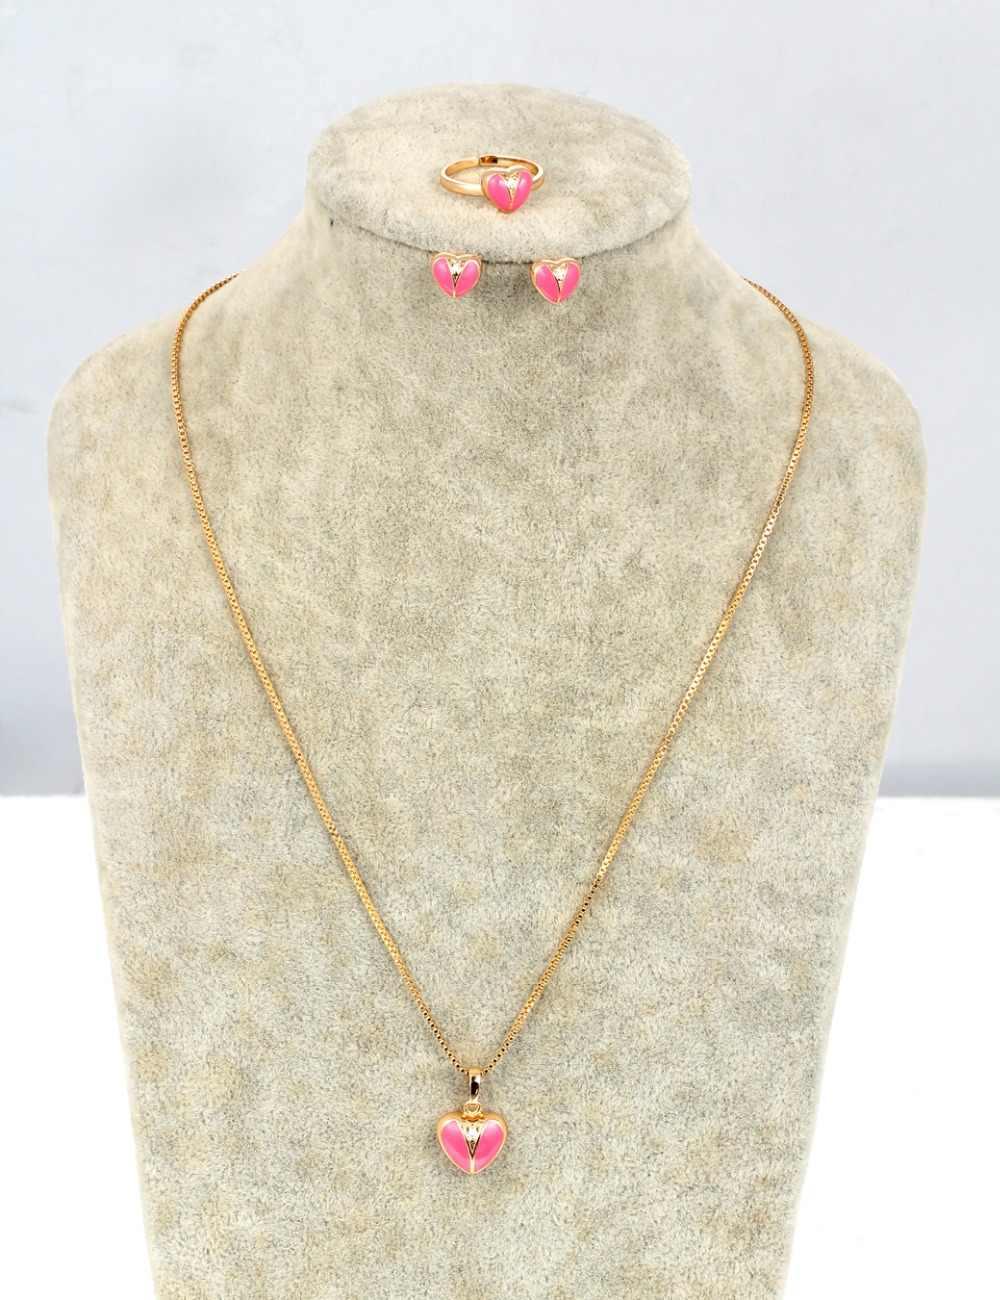 Gold Farbe Rosa Pfirsich Liebe Herz CZ Zirkon Ohrstecker Ring Anhänger Halskette Kleine Schmuck Sets Für Kinder Mädchen Kid Baby